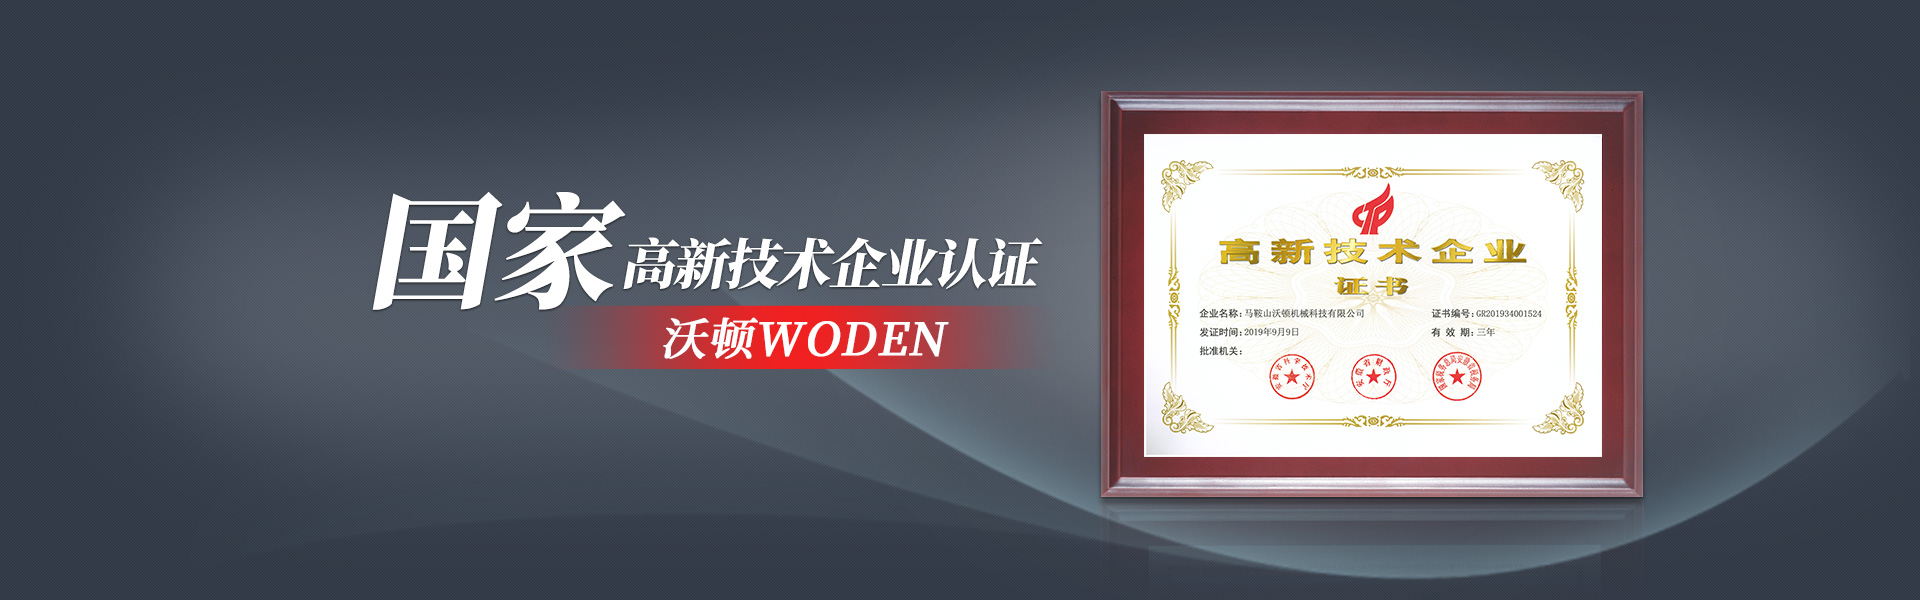 WODEN沃顿获得国家高新技术企业认证